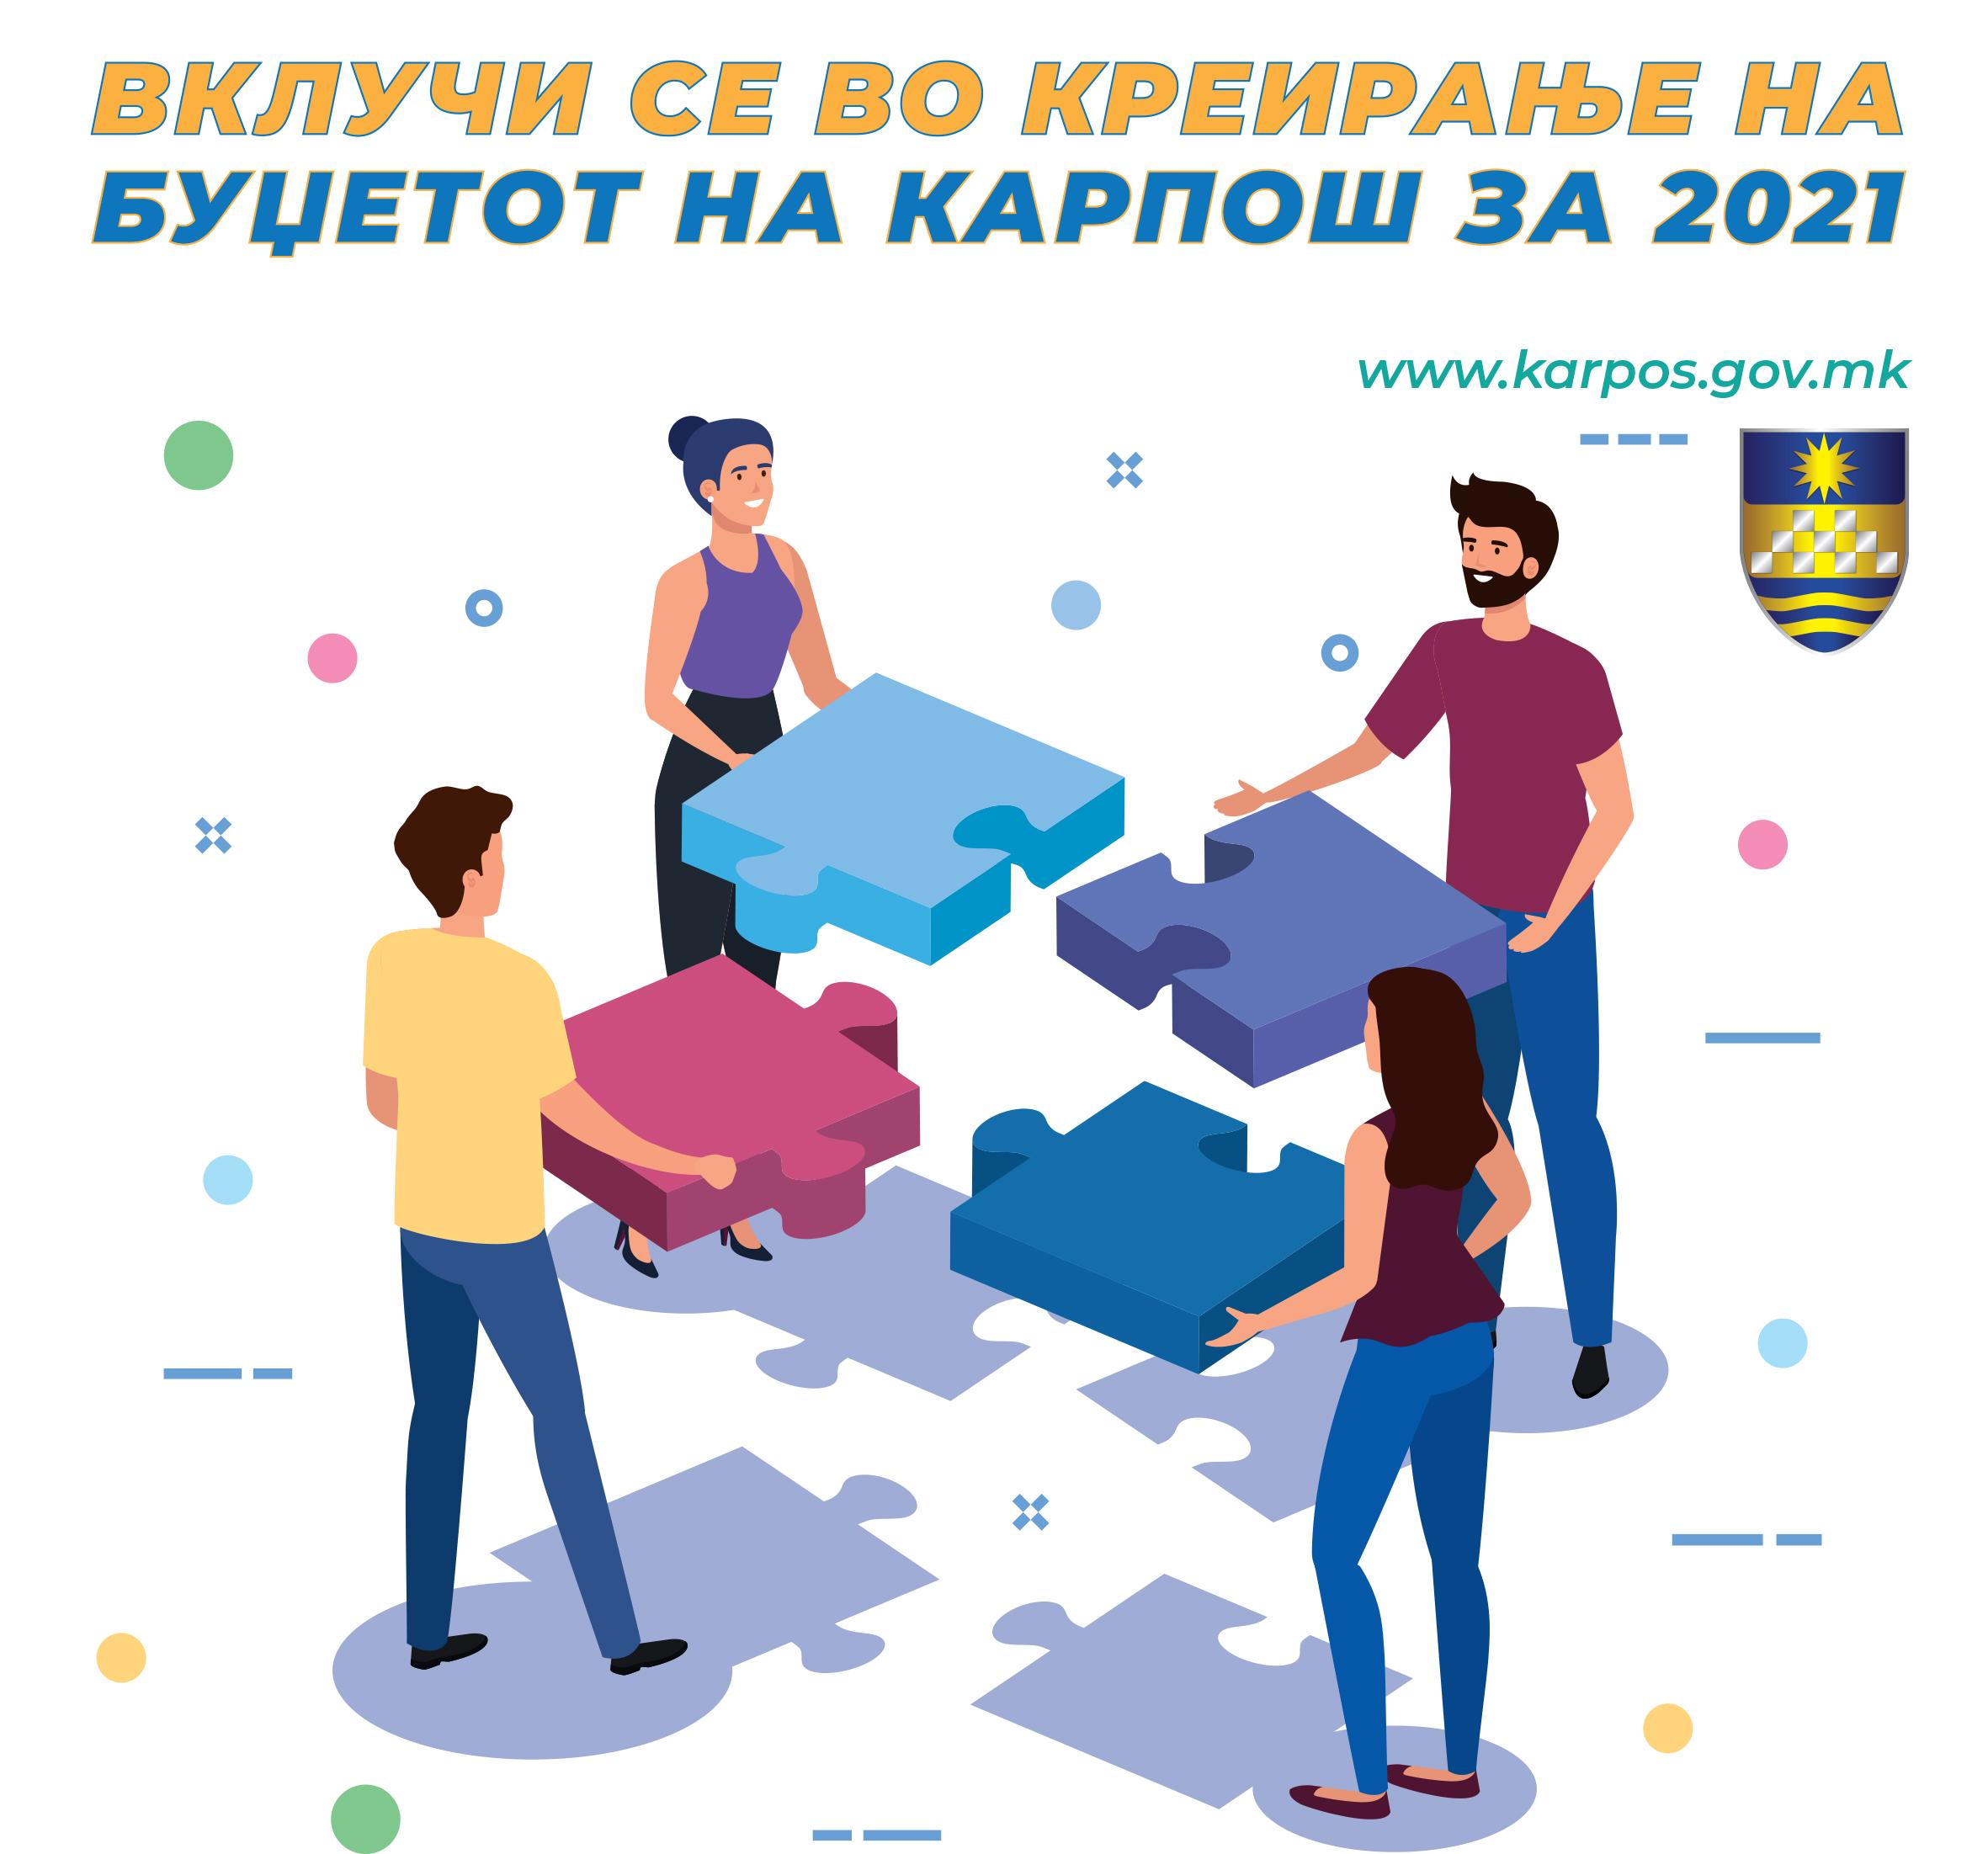 Буџет на Карпош 2021